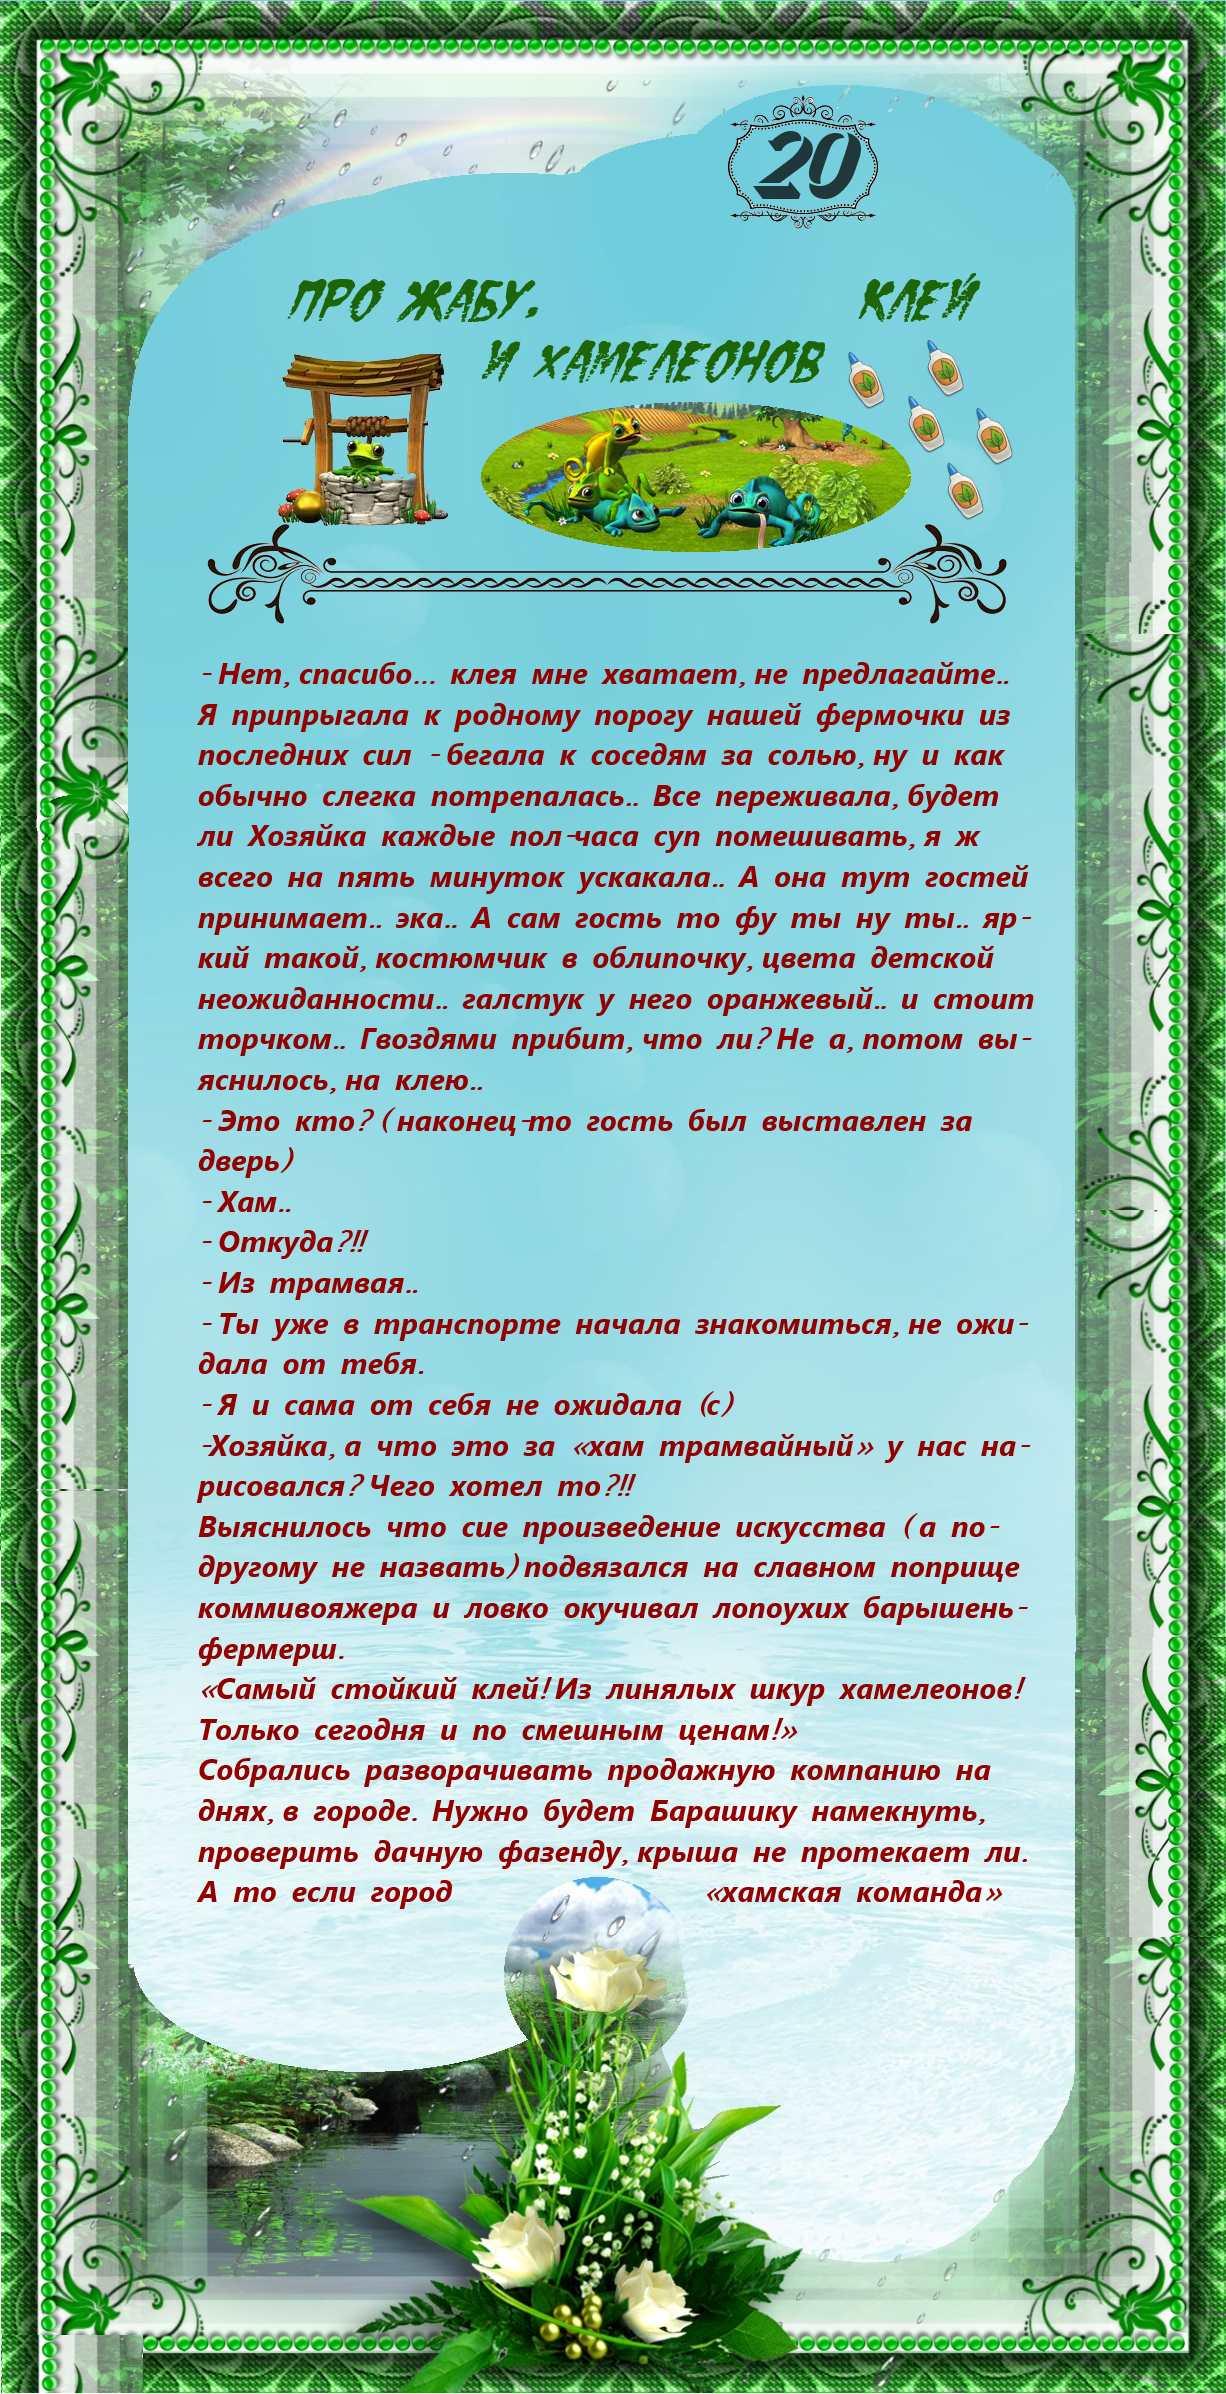 Про жабу (стр. 20).jpg